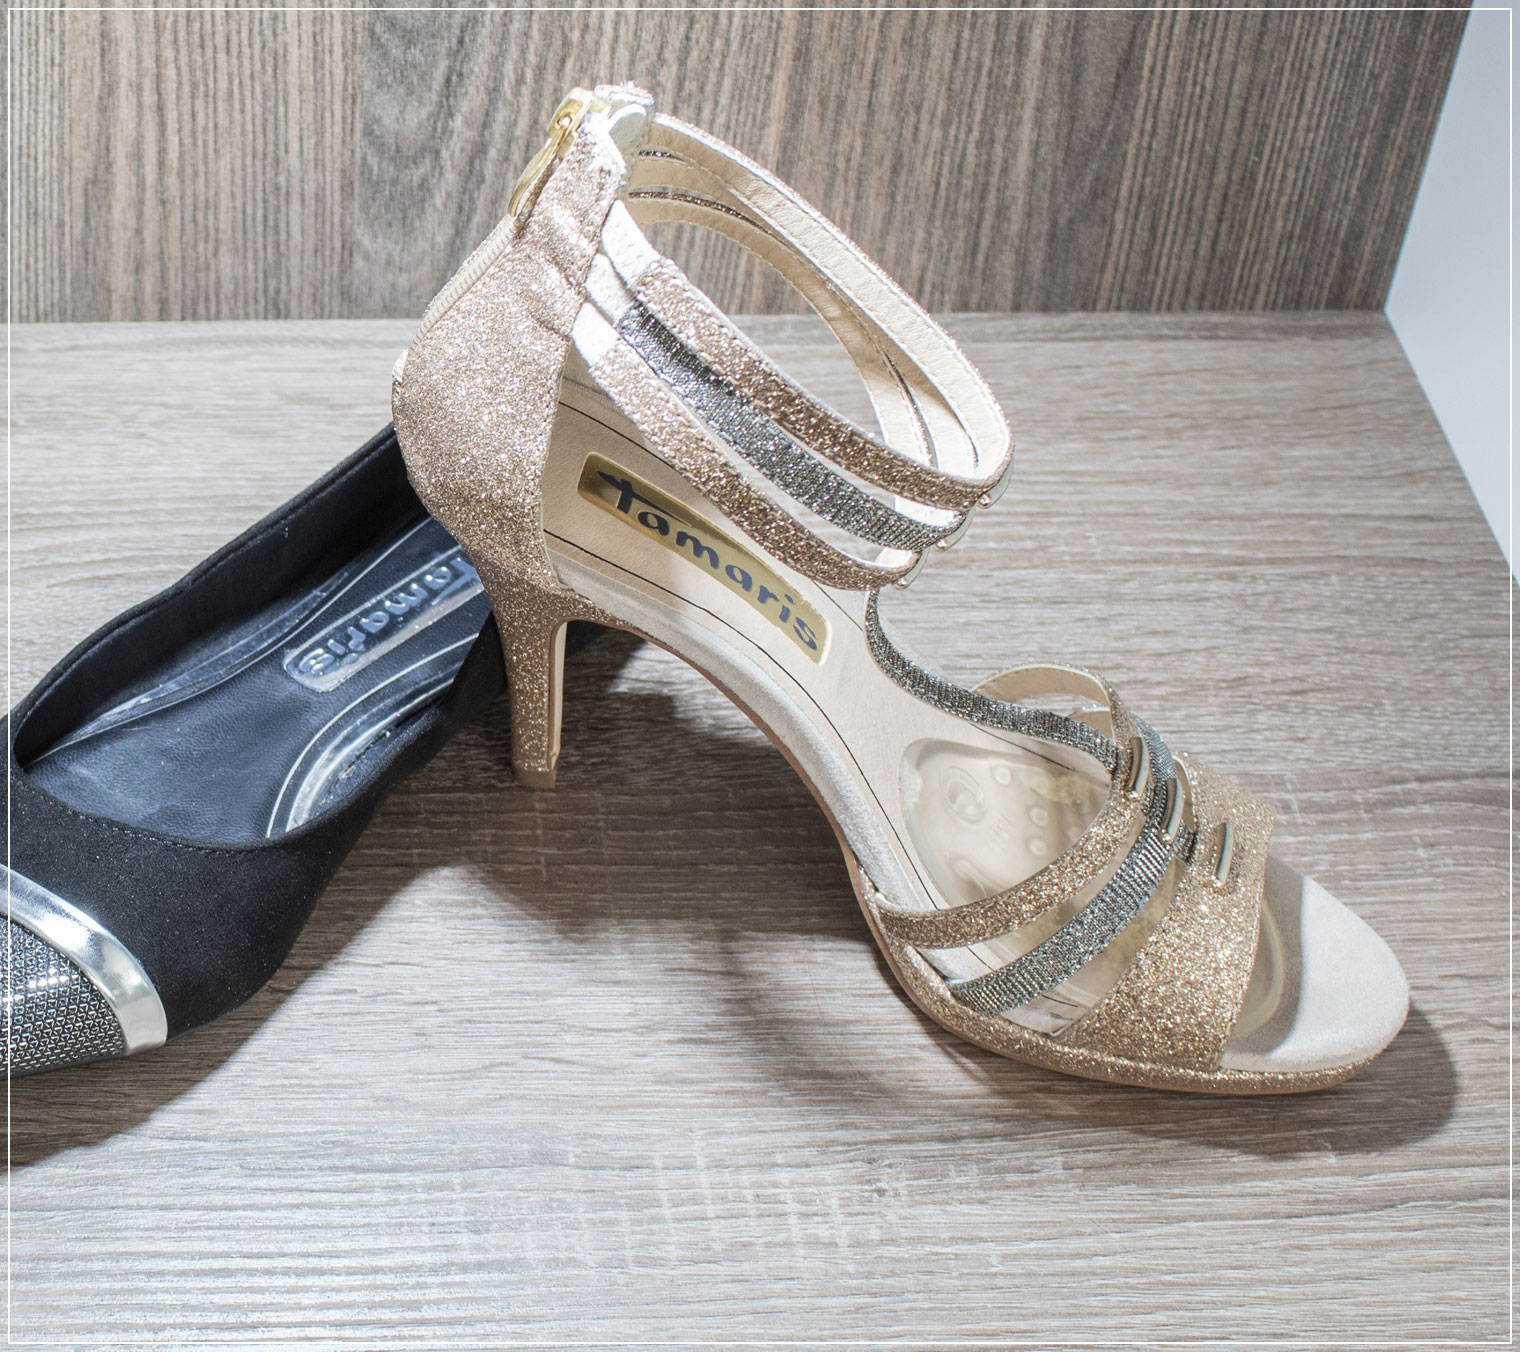 Schuhe für den Sommer, die besten Sommerschuhe, Sandalen, Pantoletten, Shopping Inspiration, Herbstmode, Modetrends, Fashion, Modeblog, Ruhrgebiet, Herbstmode, Bloggerin, Fashionblog